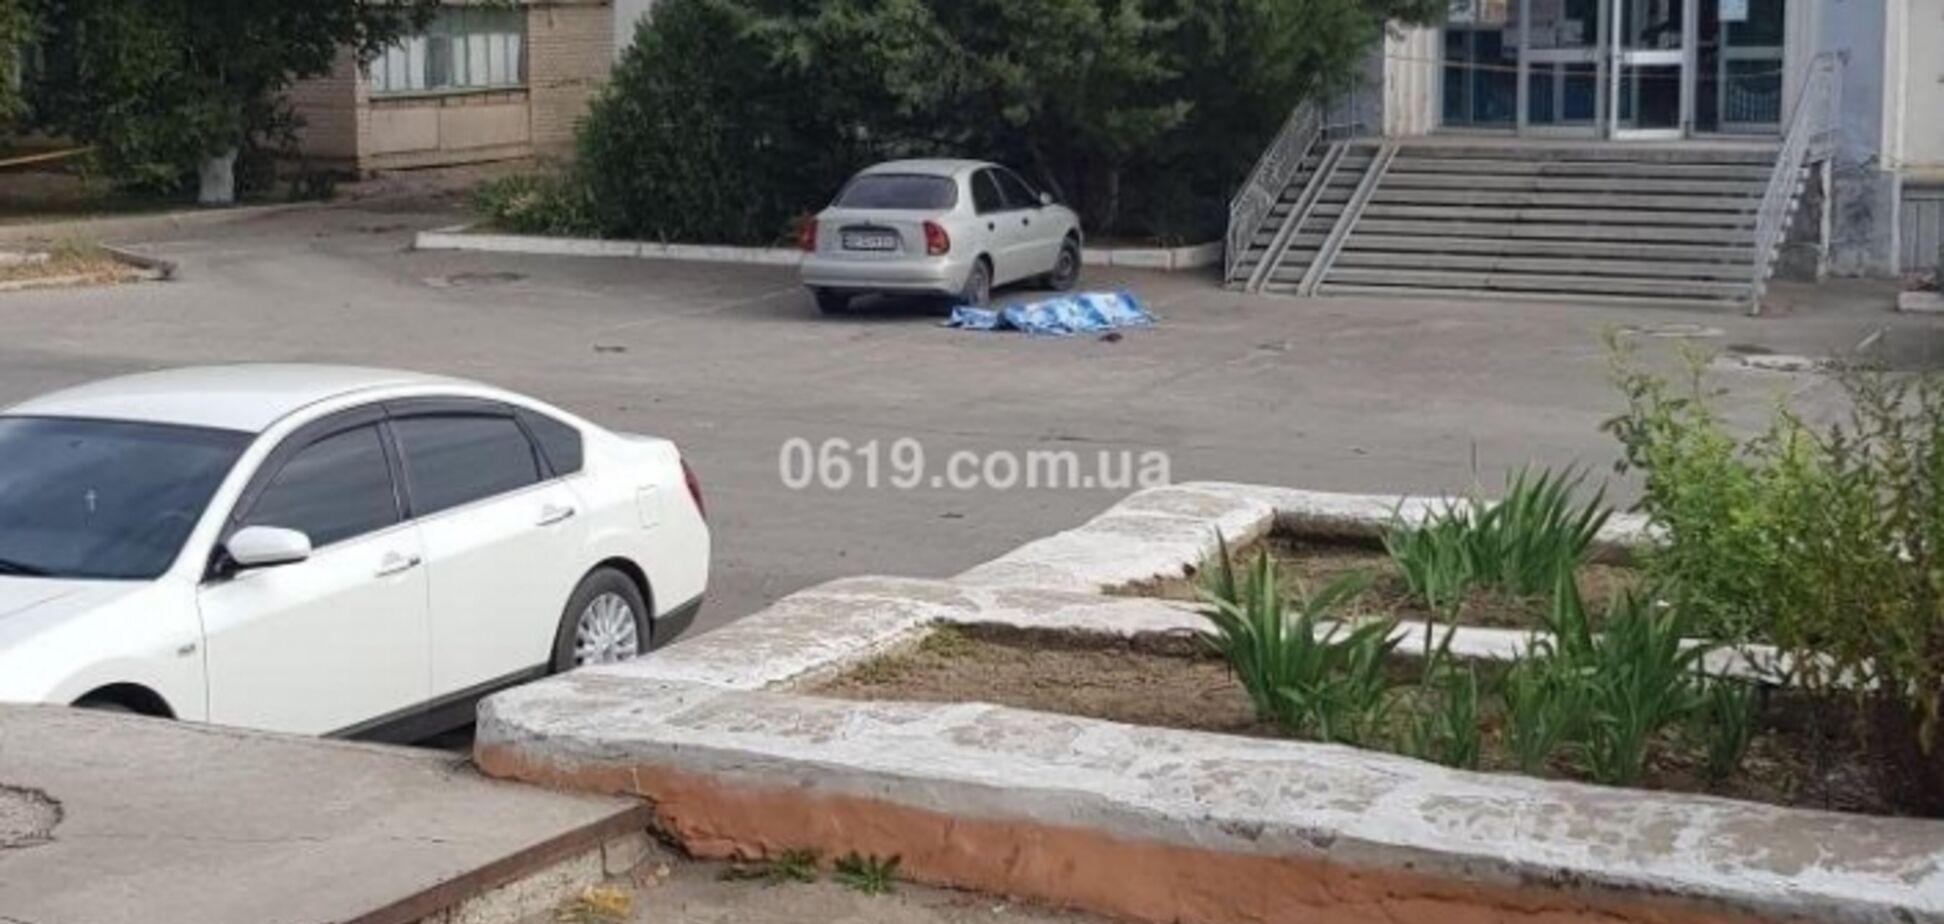 Убивство заступника голови ОТГ у Запорізькій області: з'явилися перші фото. 18+